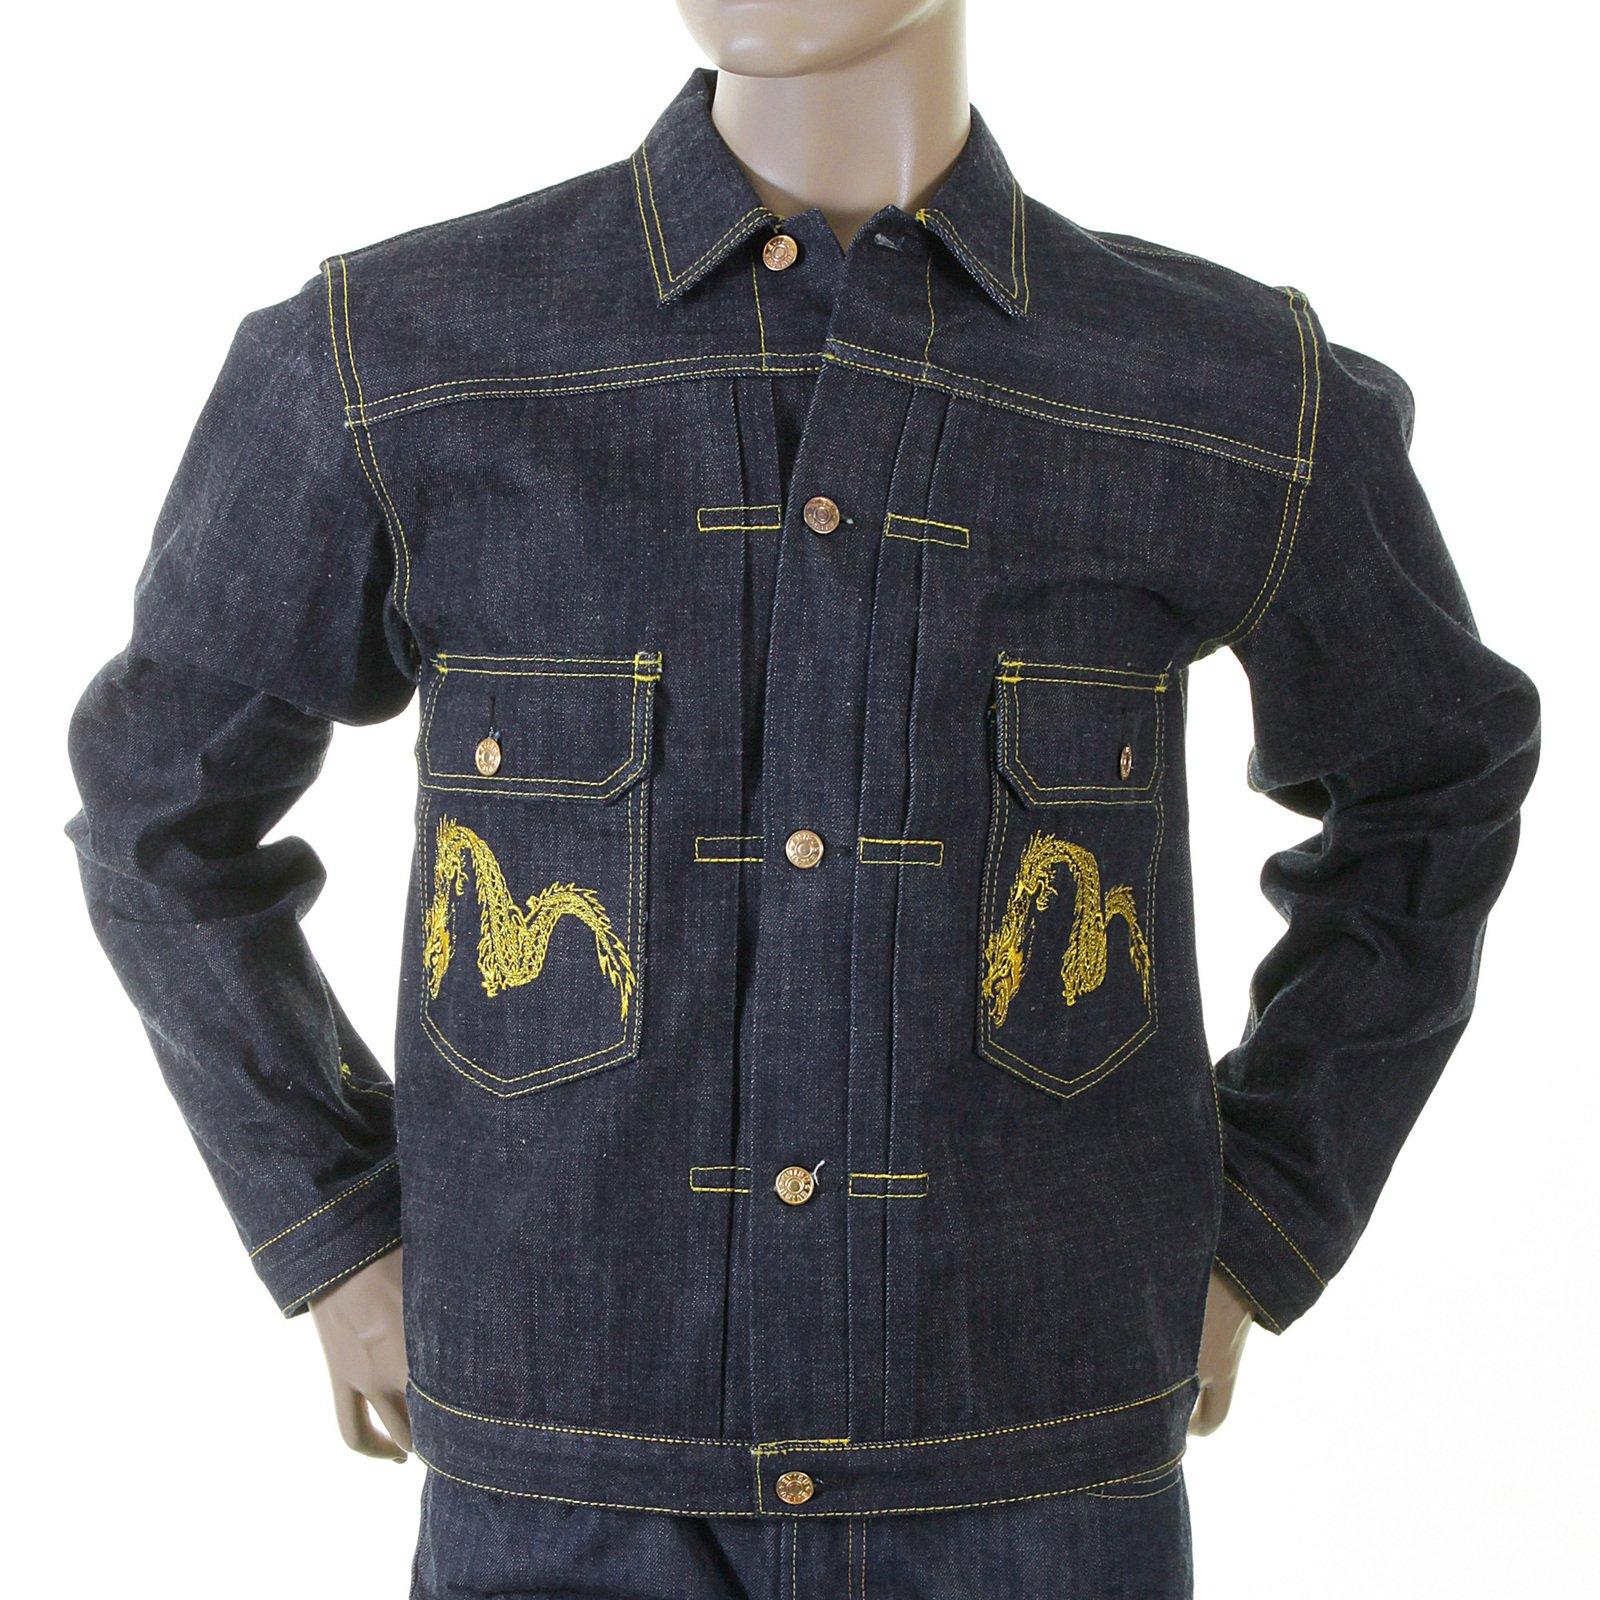 EVISU Heritage Non wash Denim Early Original Genuine Rare ES06HJK03 D80 no 1 Special Jacket EVIS1690 by EVISU